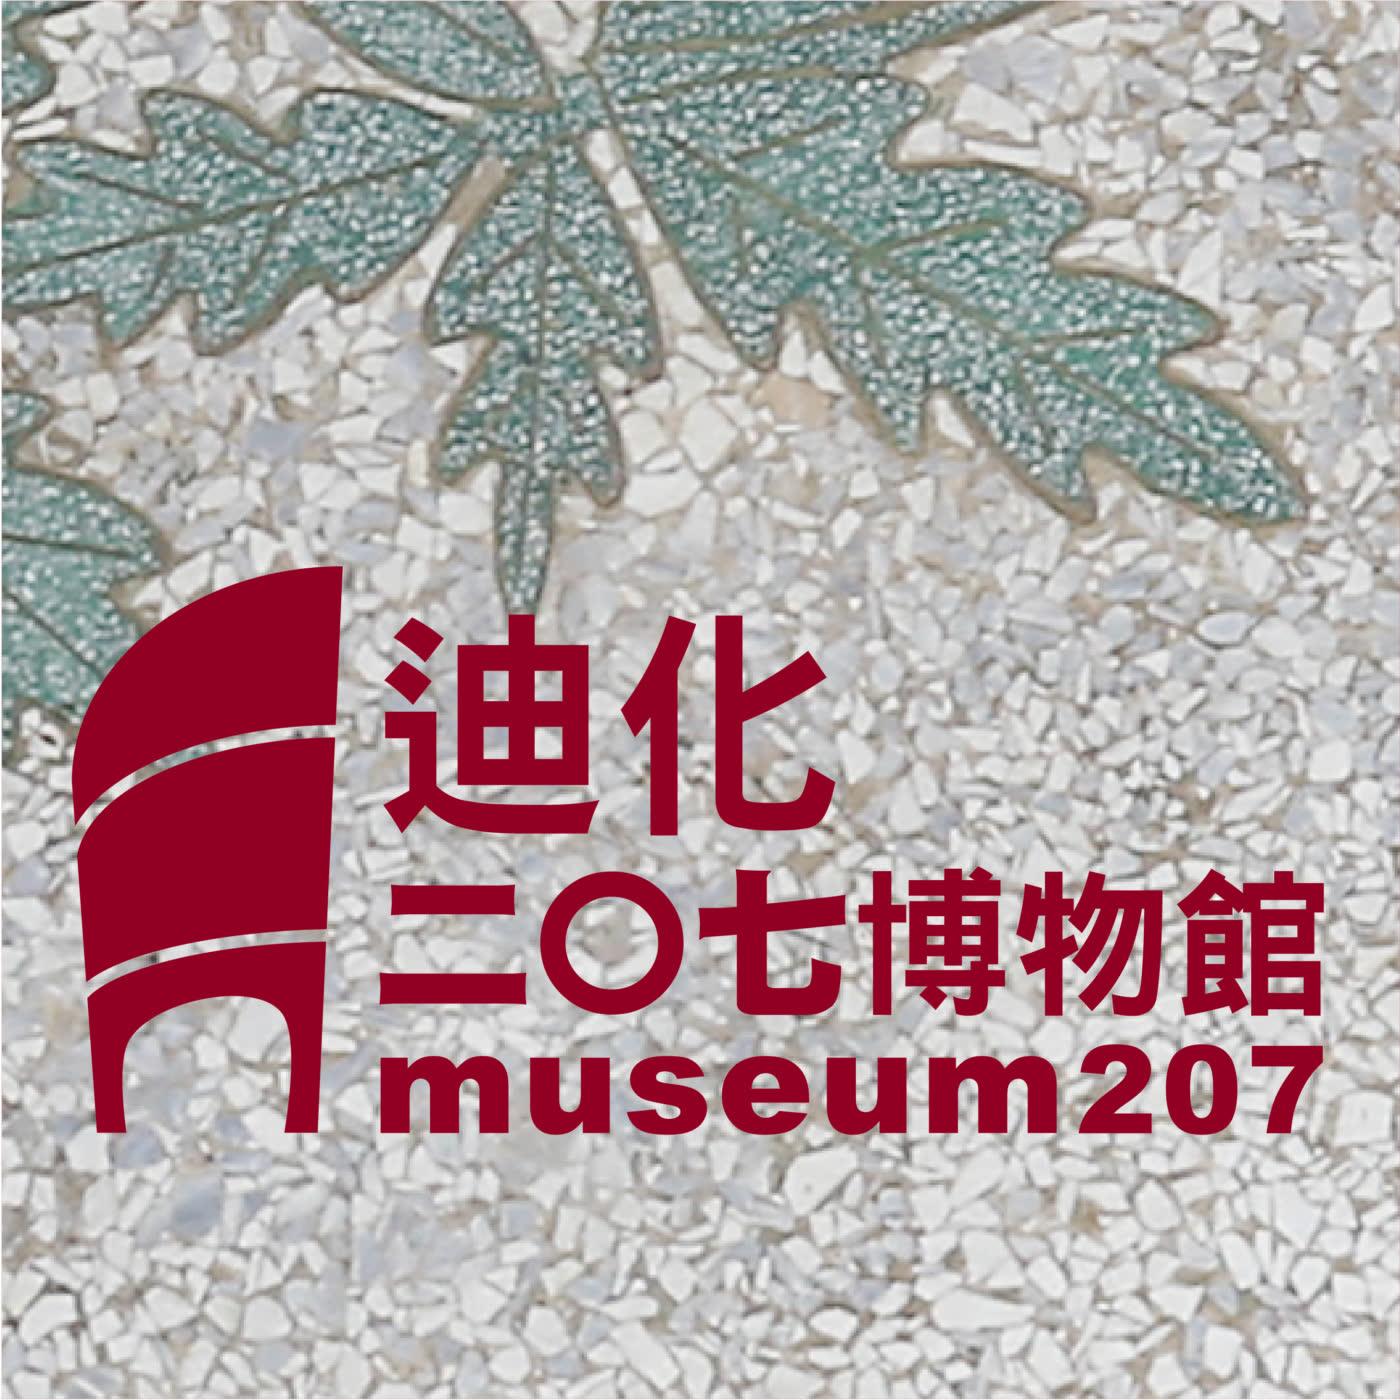 20210910_第23集「 策展人談展覽~關於『便當』特展」